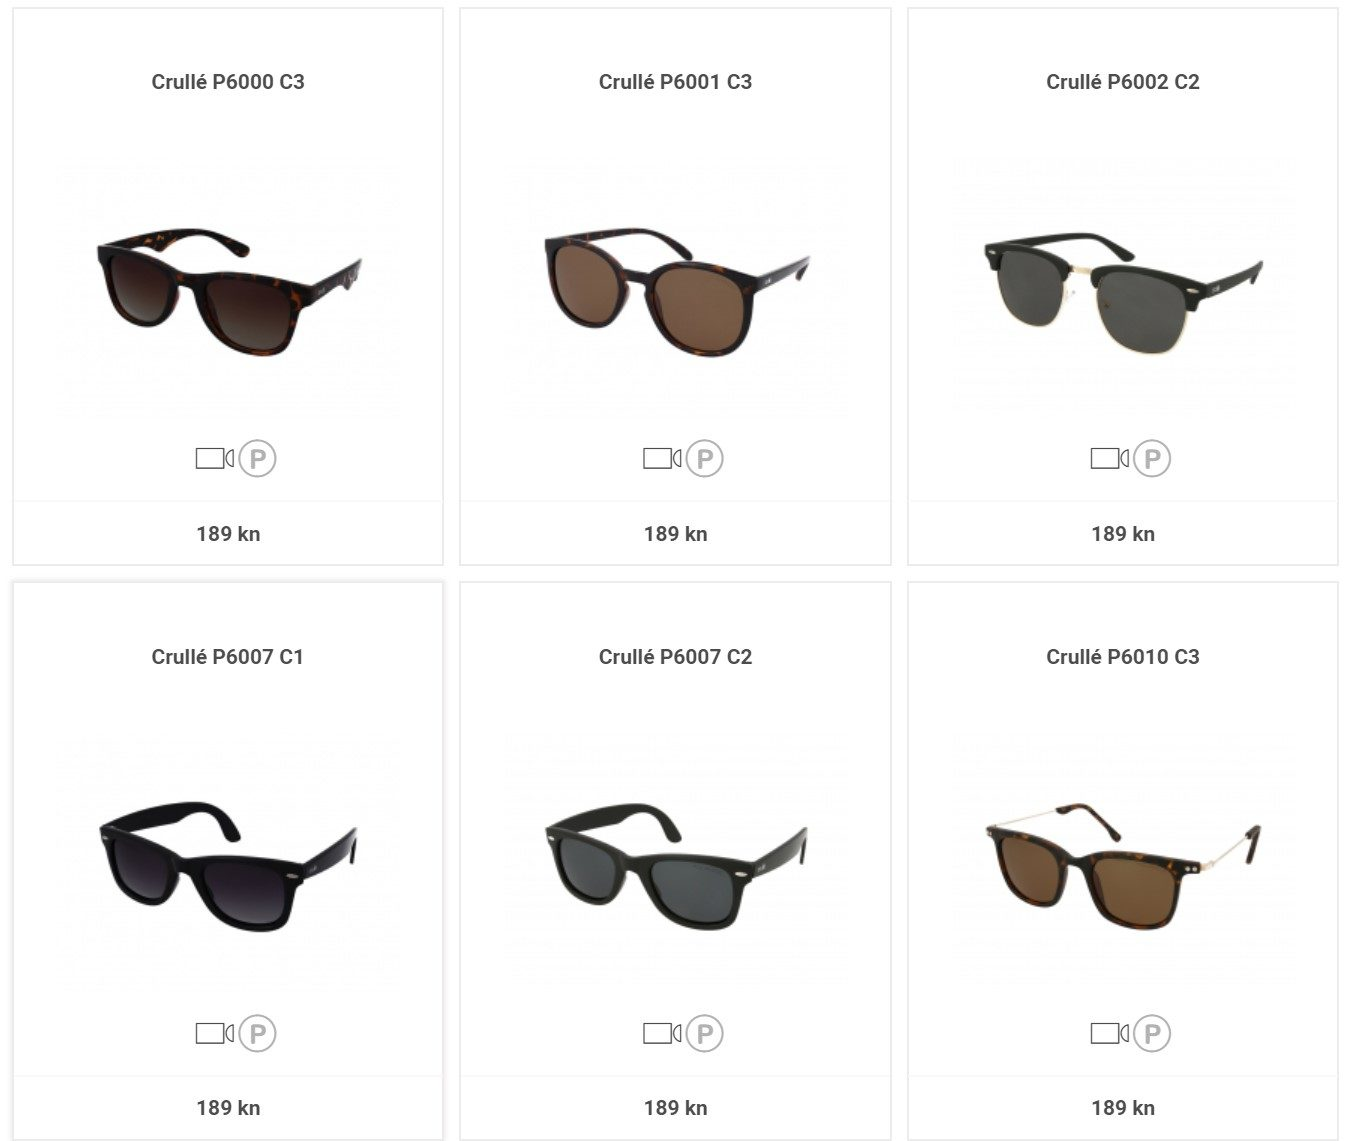 Adrialeće.hr - Crulle sunčane naočale